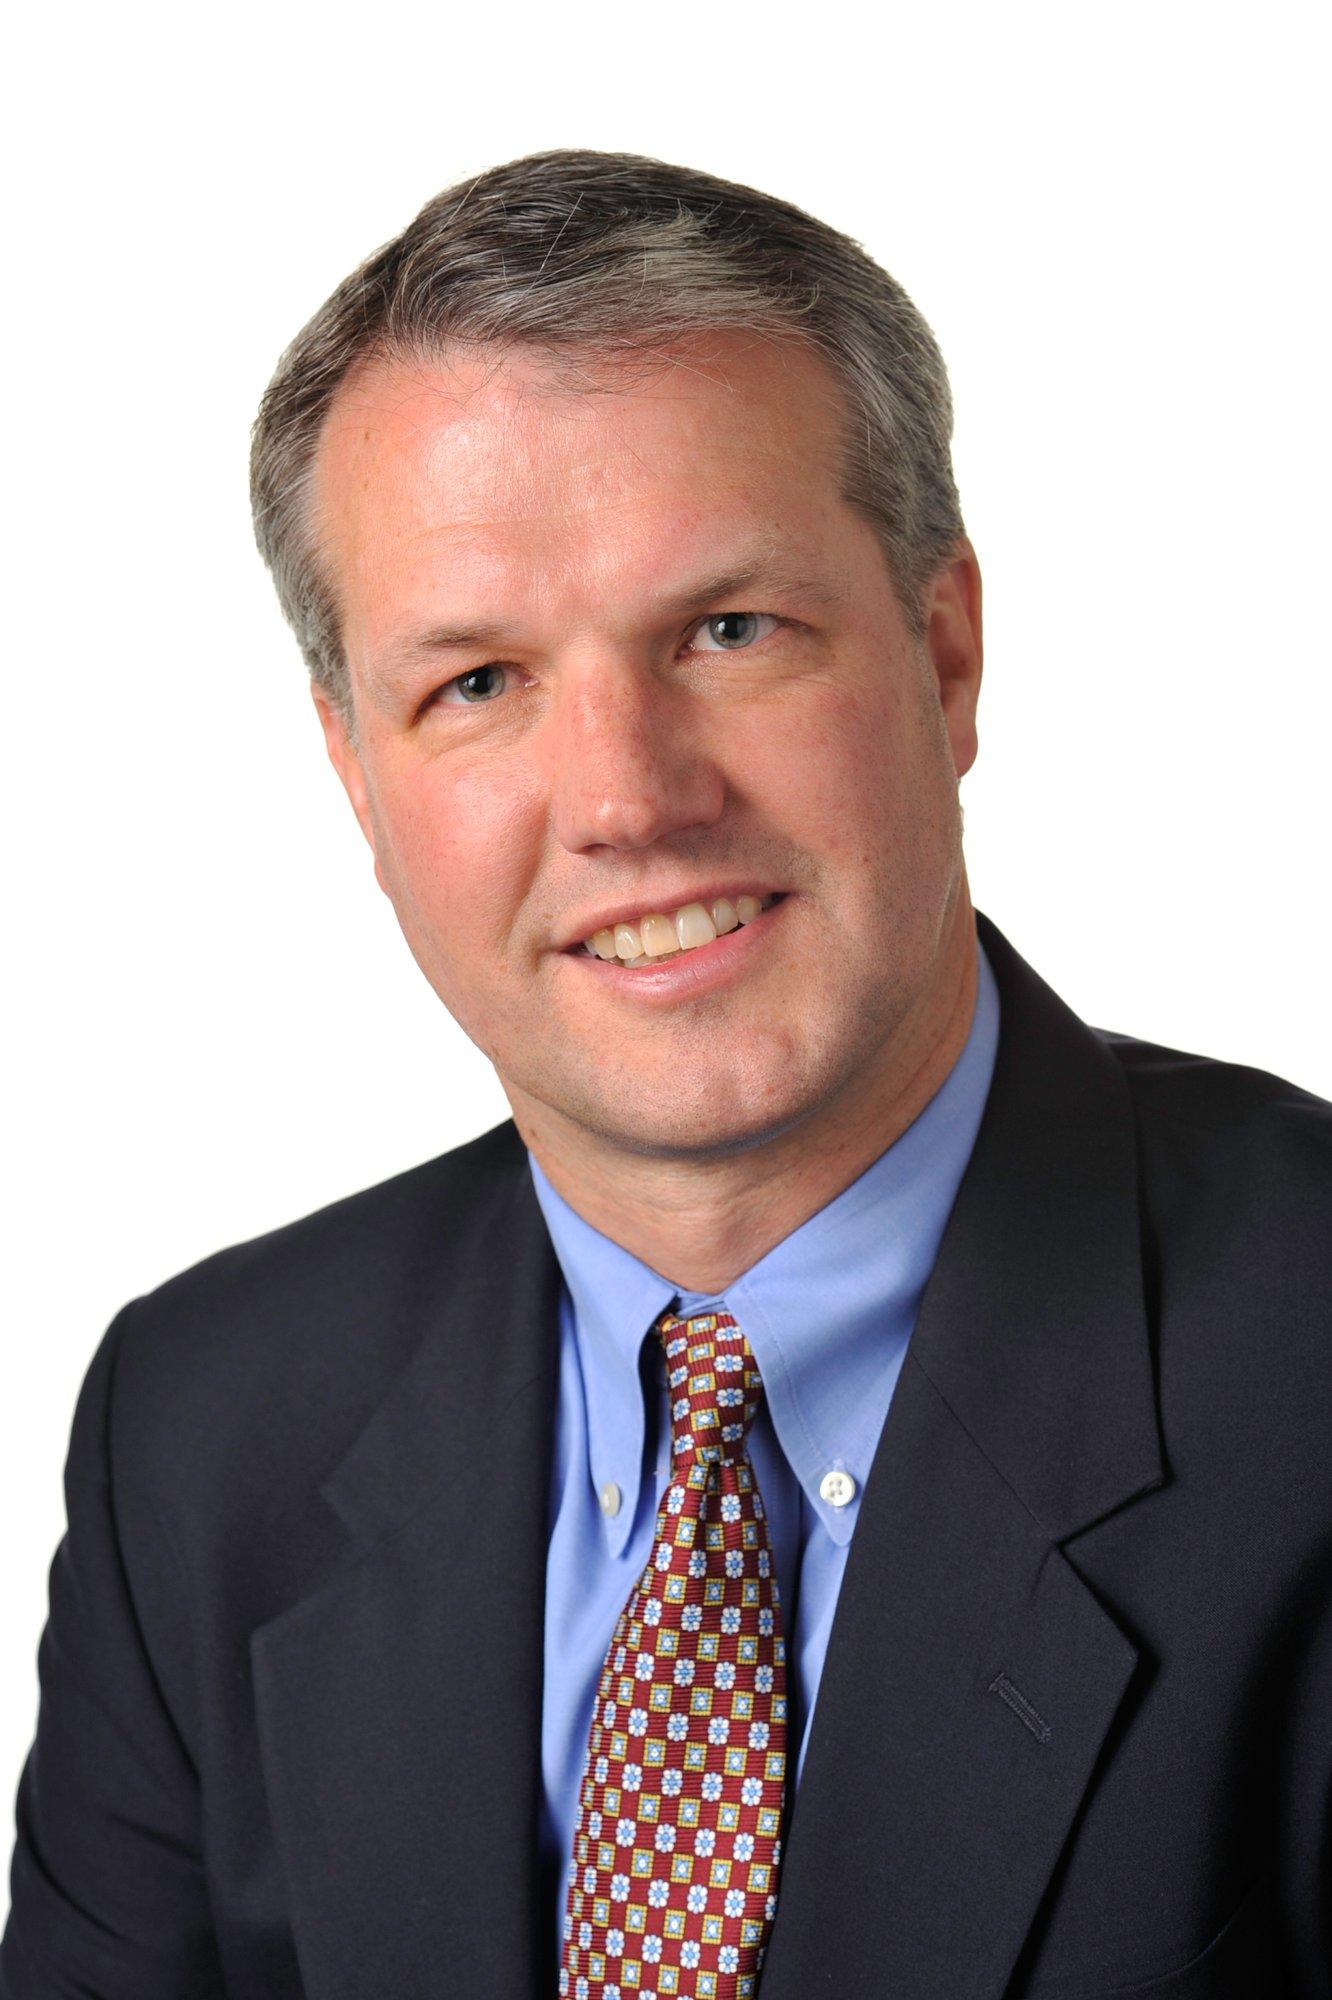 Mike Beattie